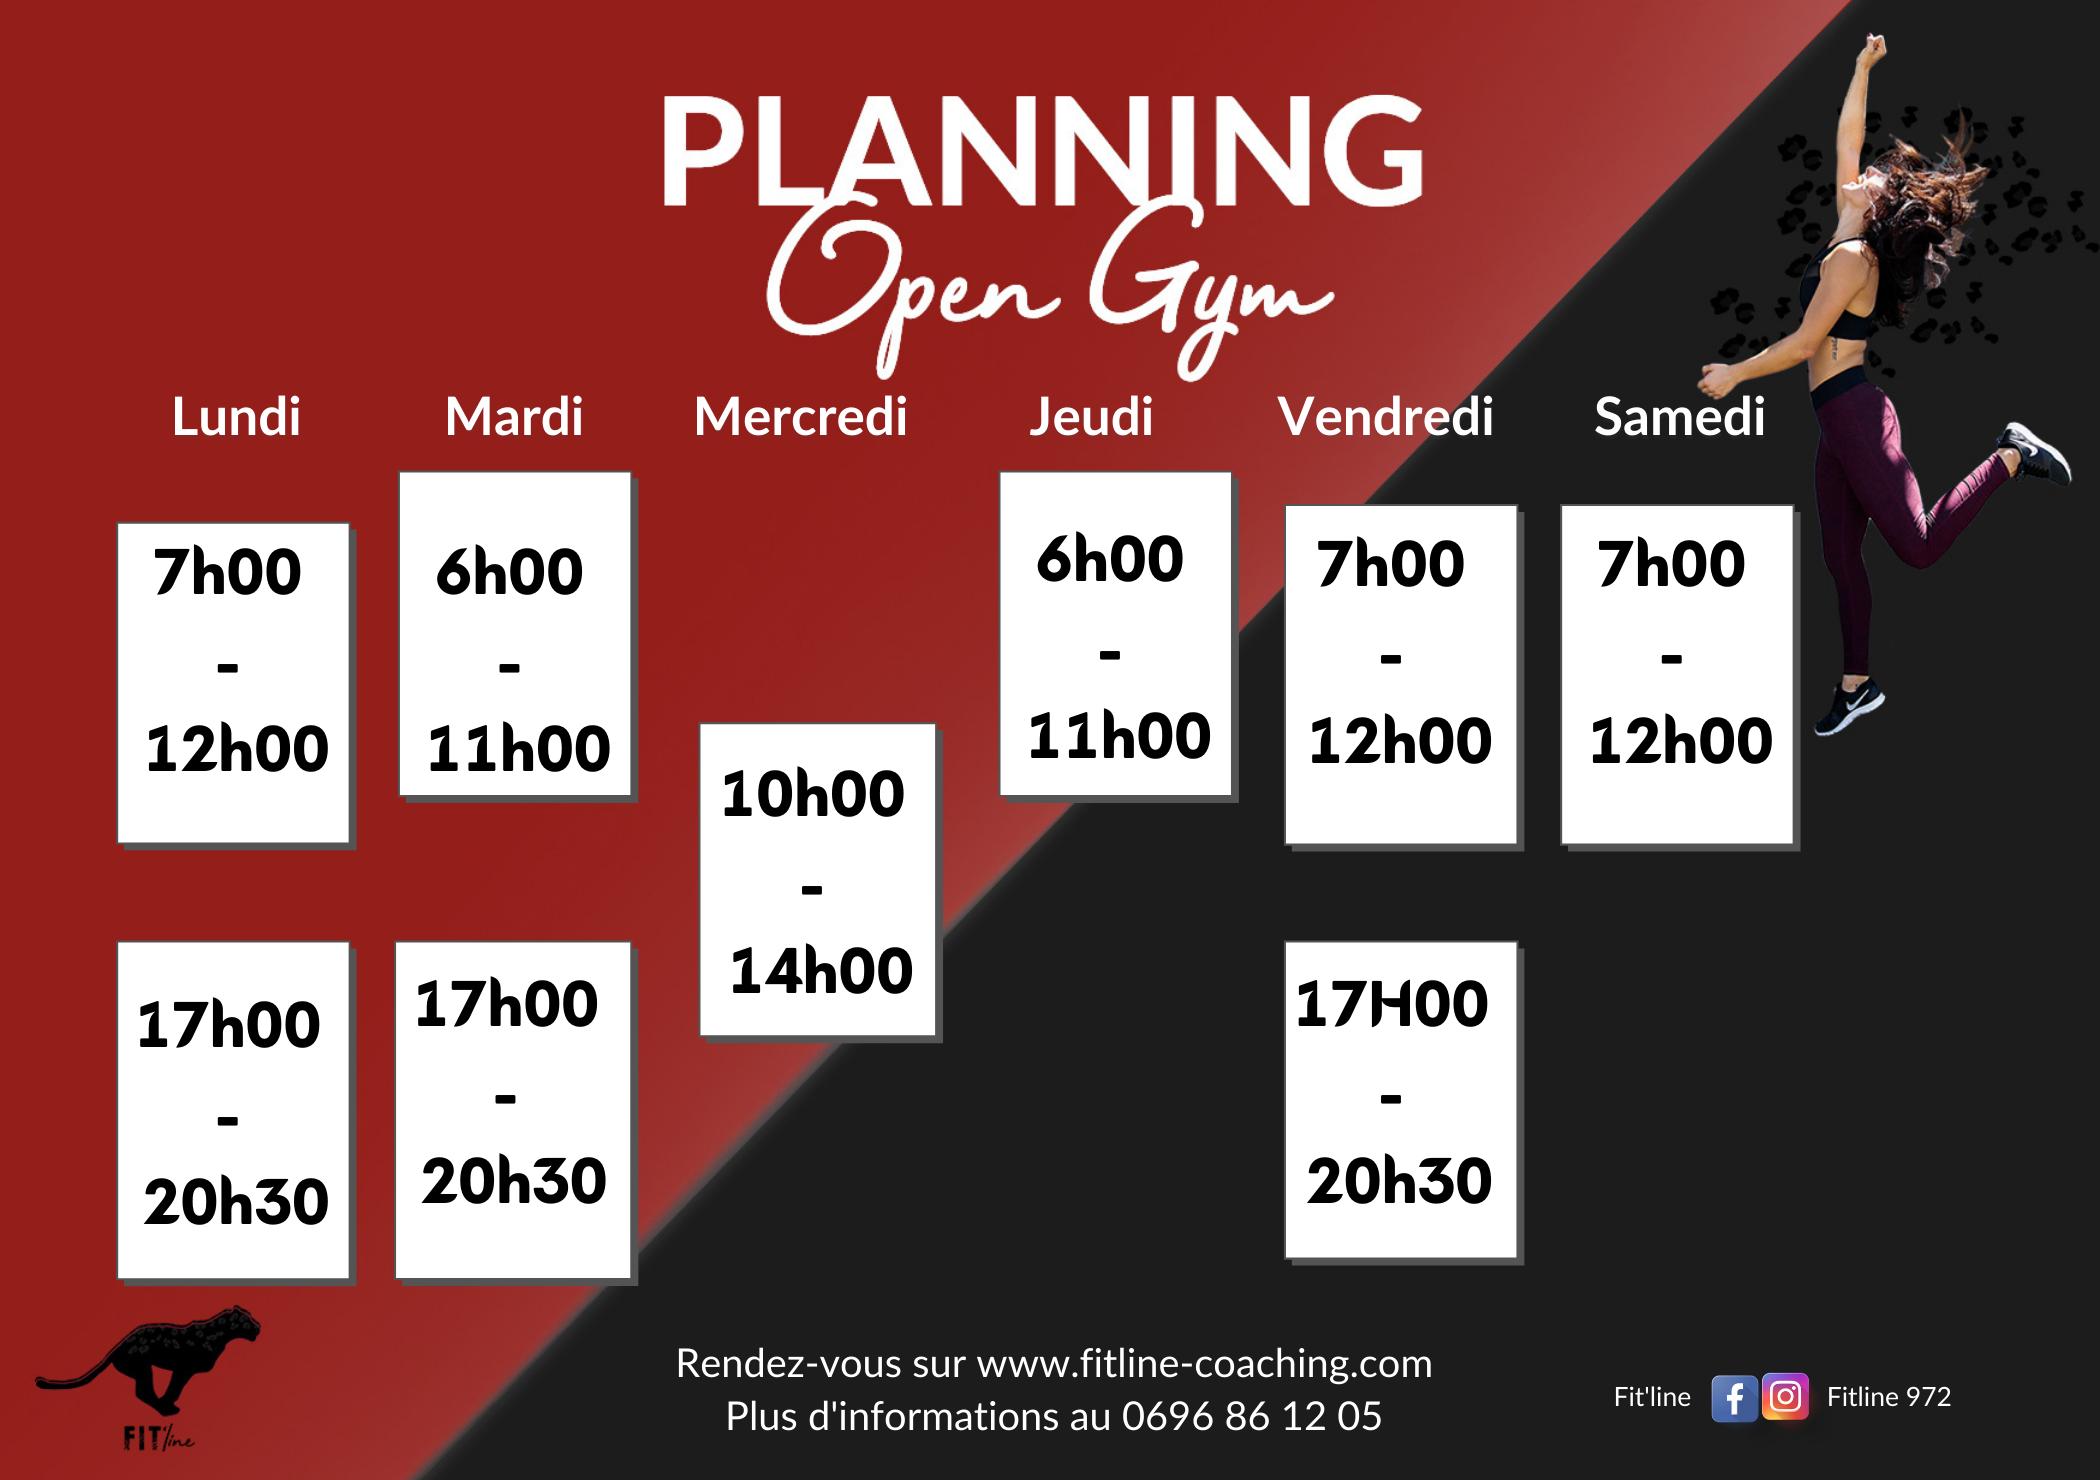 Planning de l'Open Gym